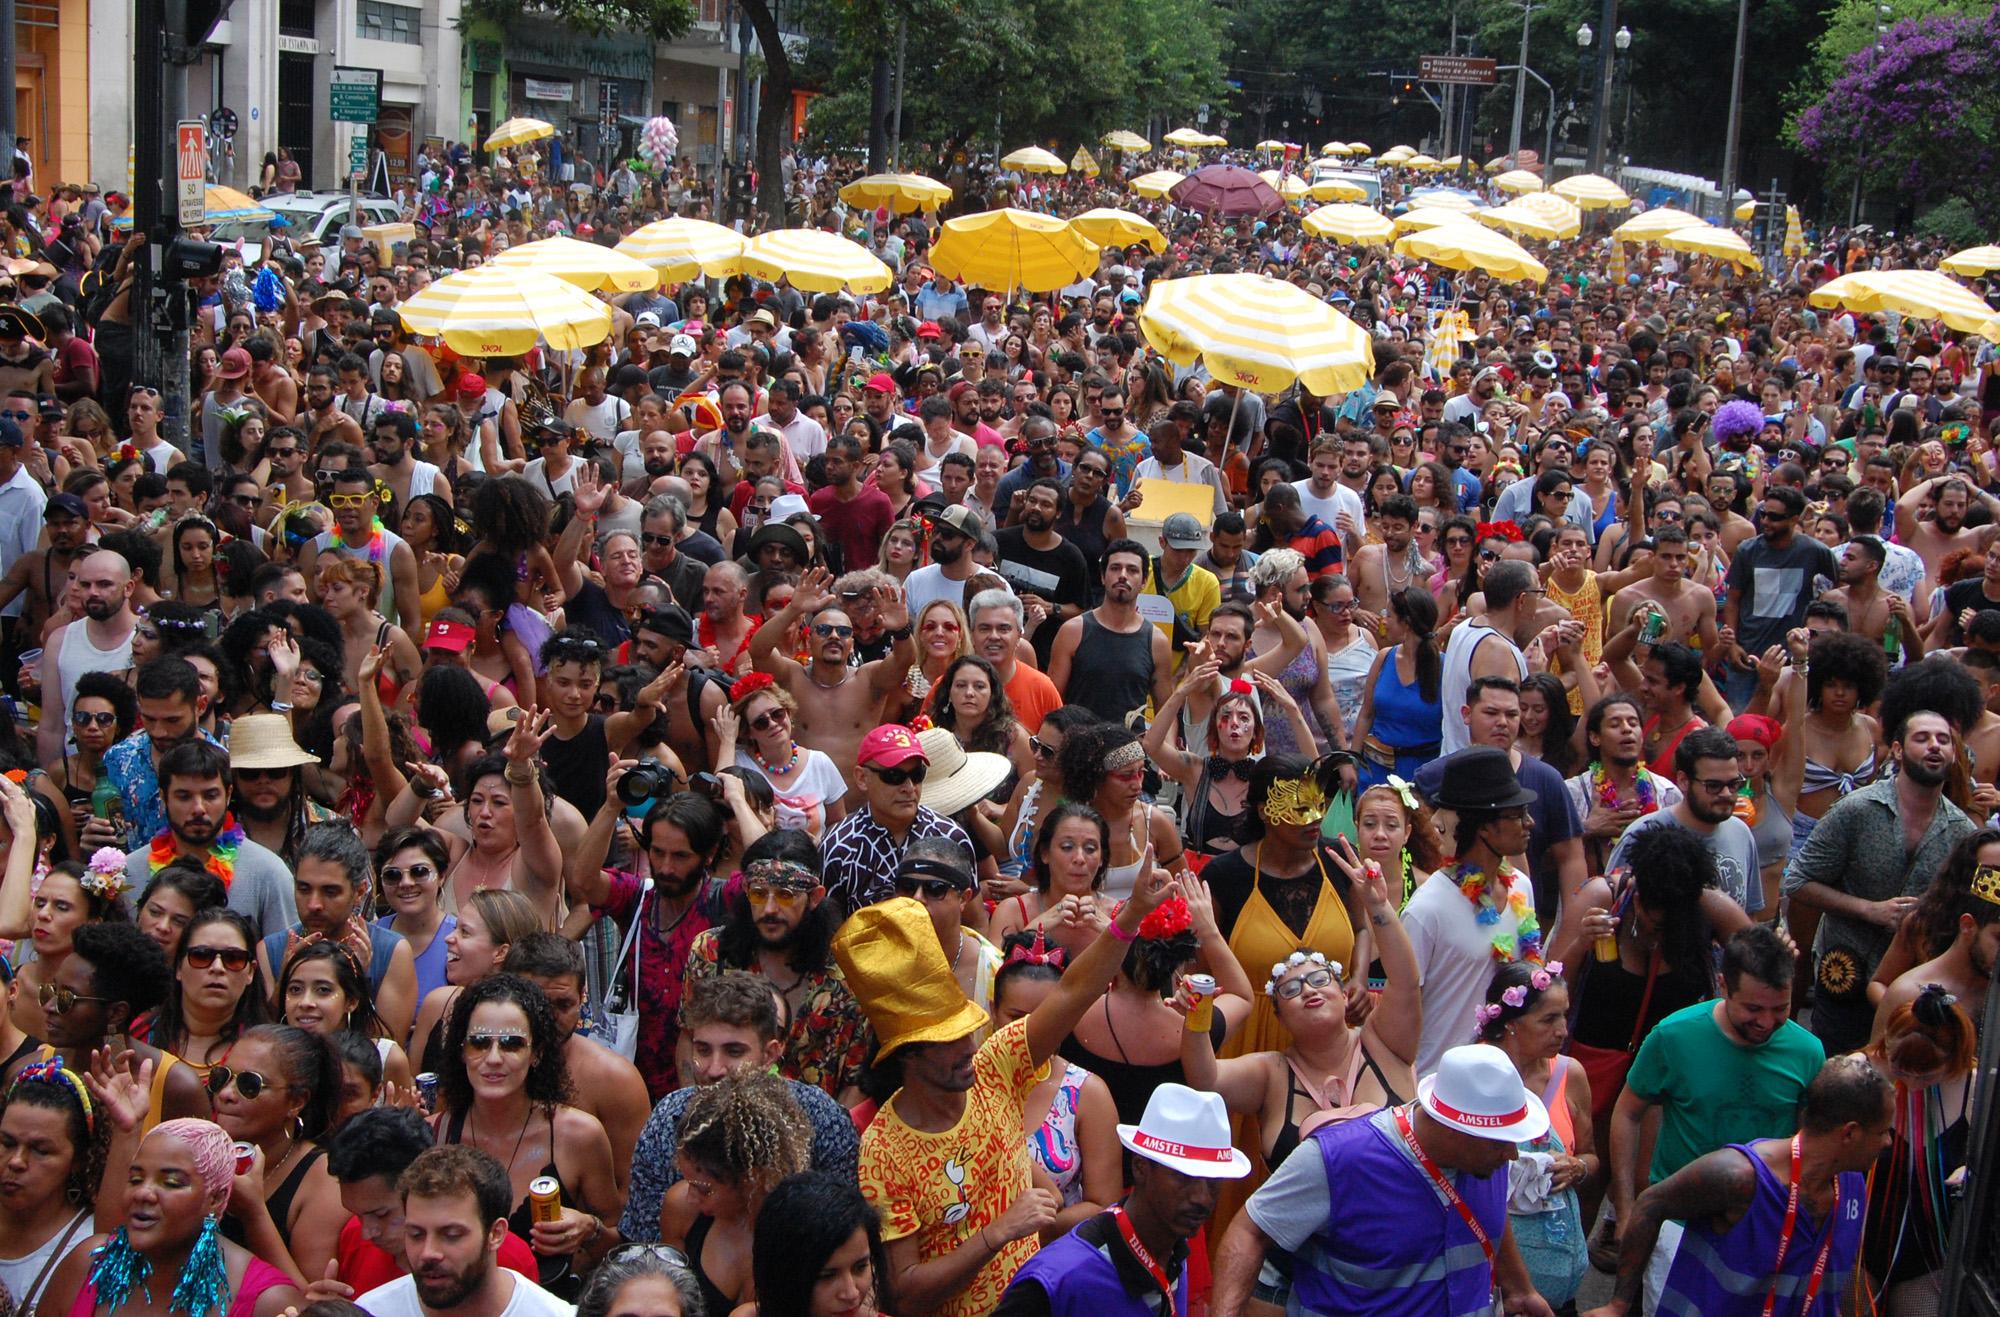 Carnaval em São Paulo reuniu cerca de 15 milhões de pessoas (Crédito: Divulgação Prefeitura)